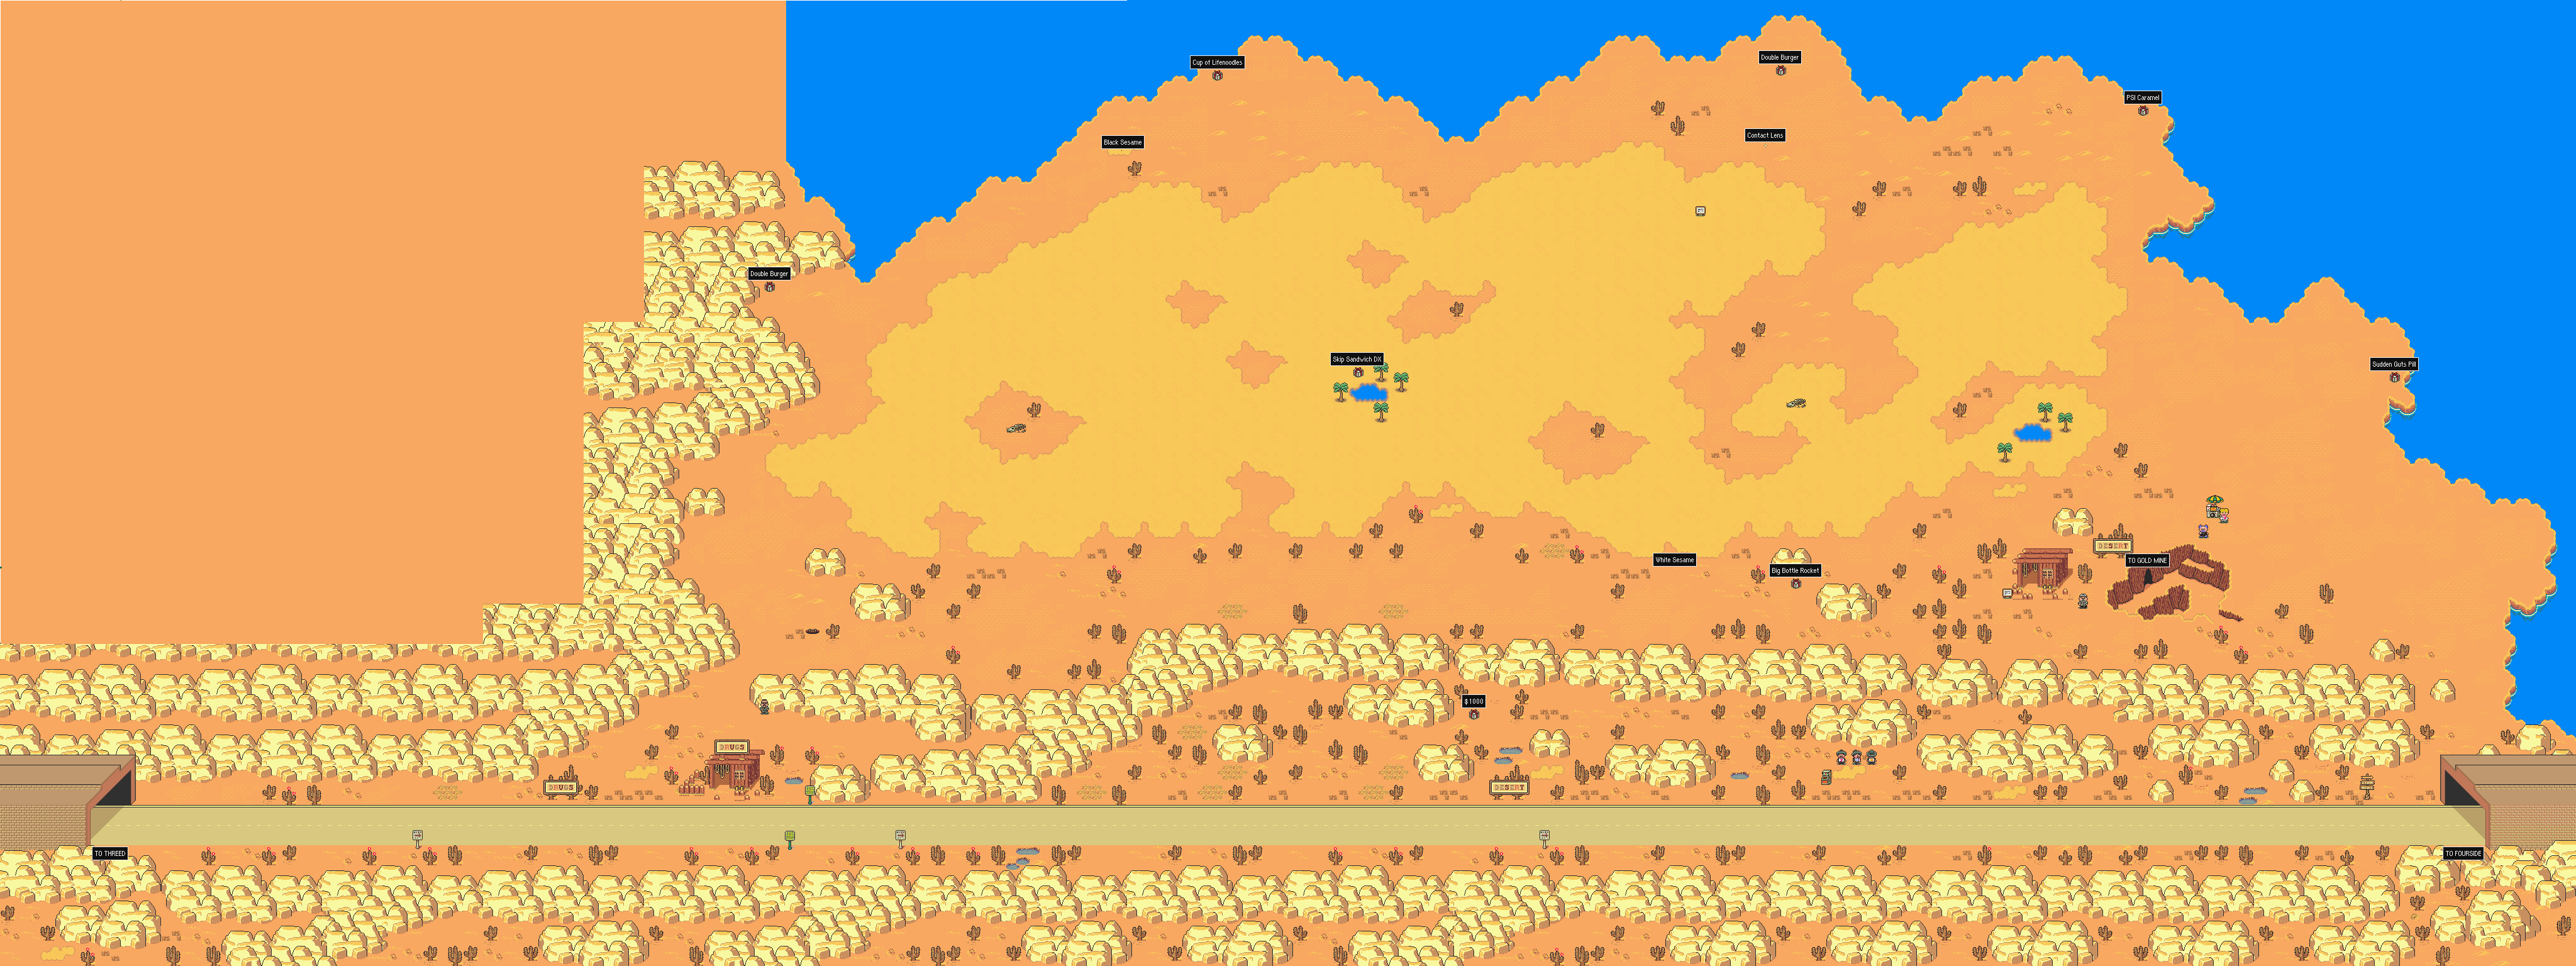 StarmenNet EarthBound Walkthrough Dusty Dunes Desert